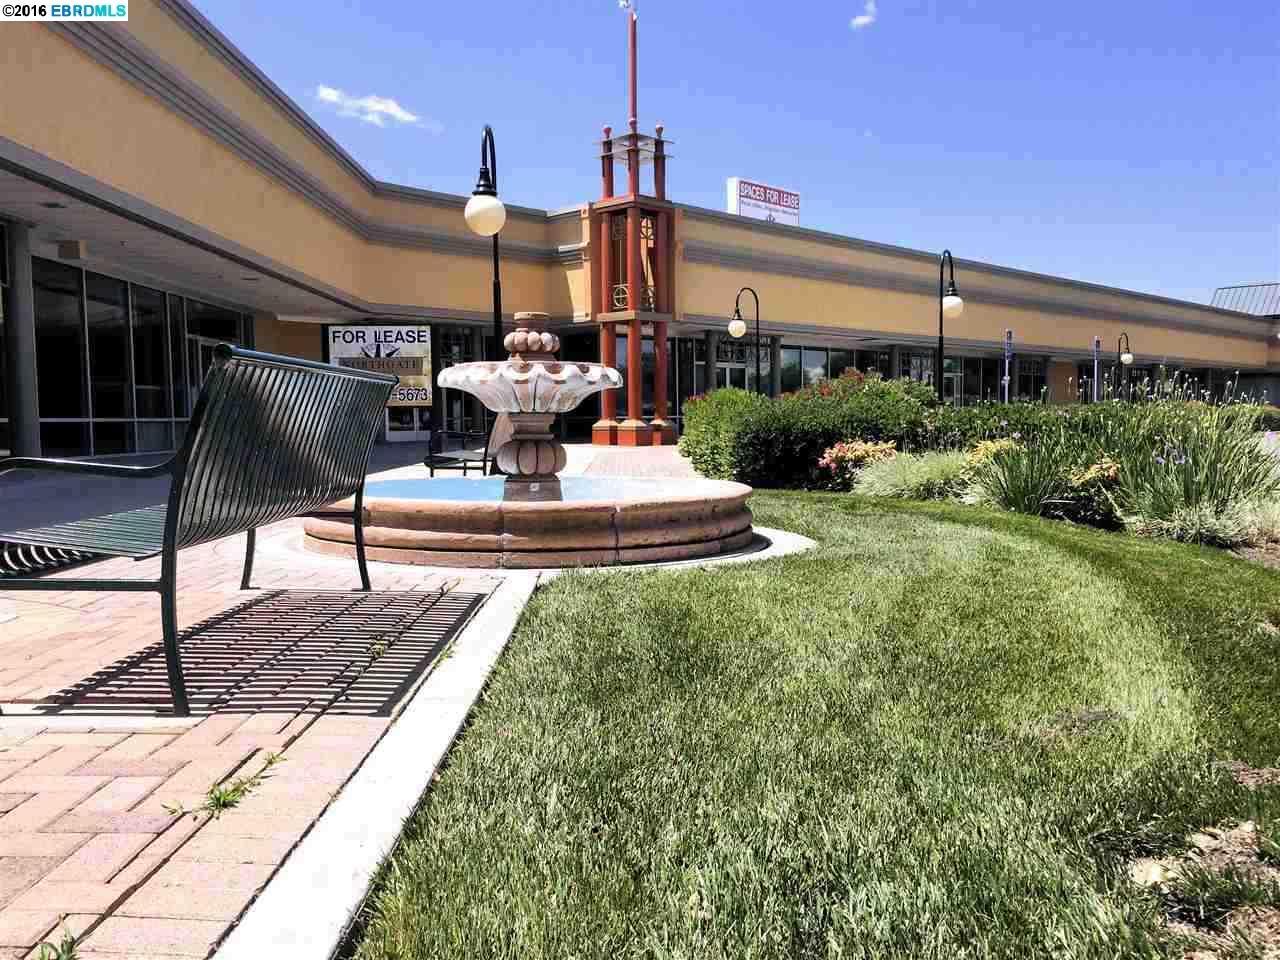 一戸建て のために 賃貸 アット 1005 E Pescadero suite 175-177 1005 E Pescadero suite 175-177 Tracy, カリフォルニア 95304 アメリカ合衆国